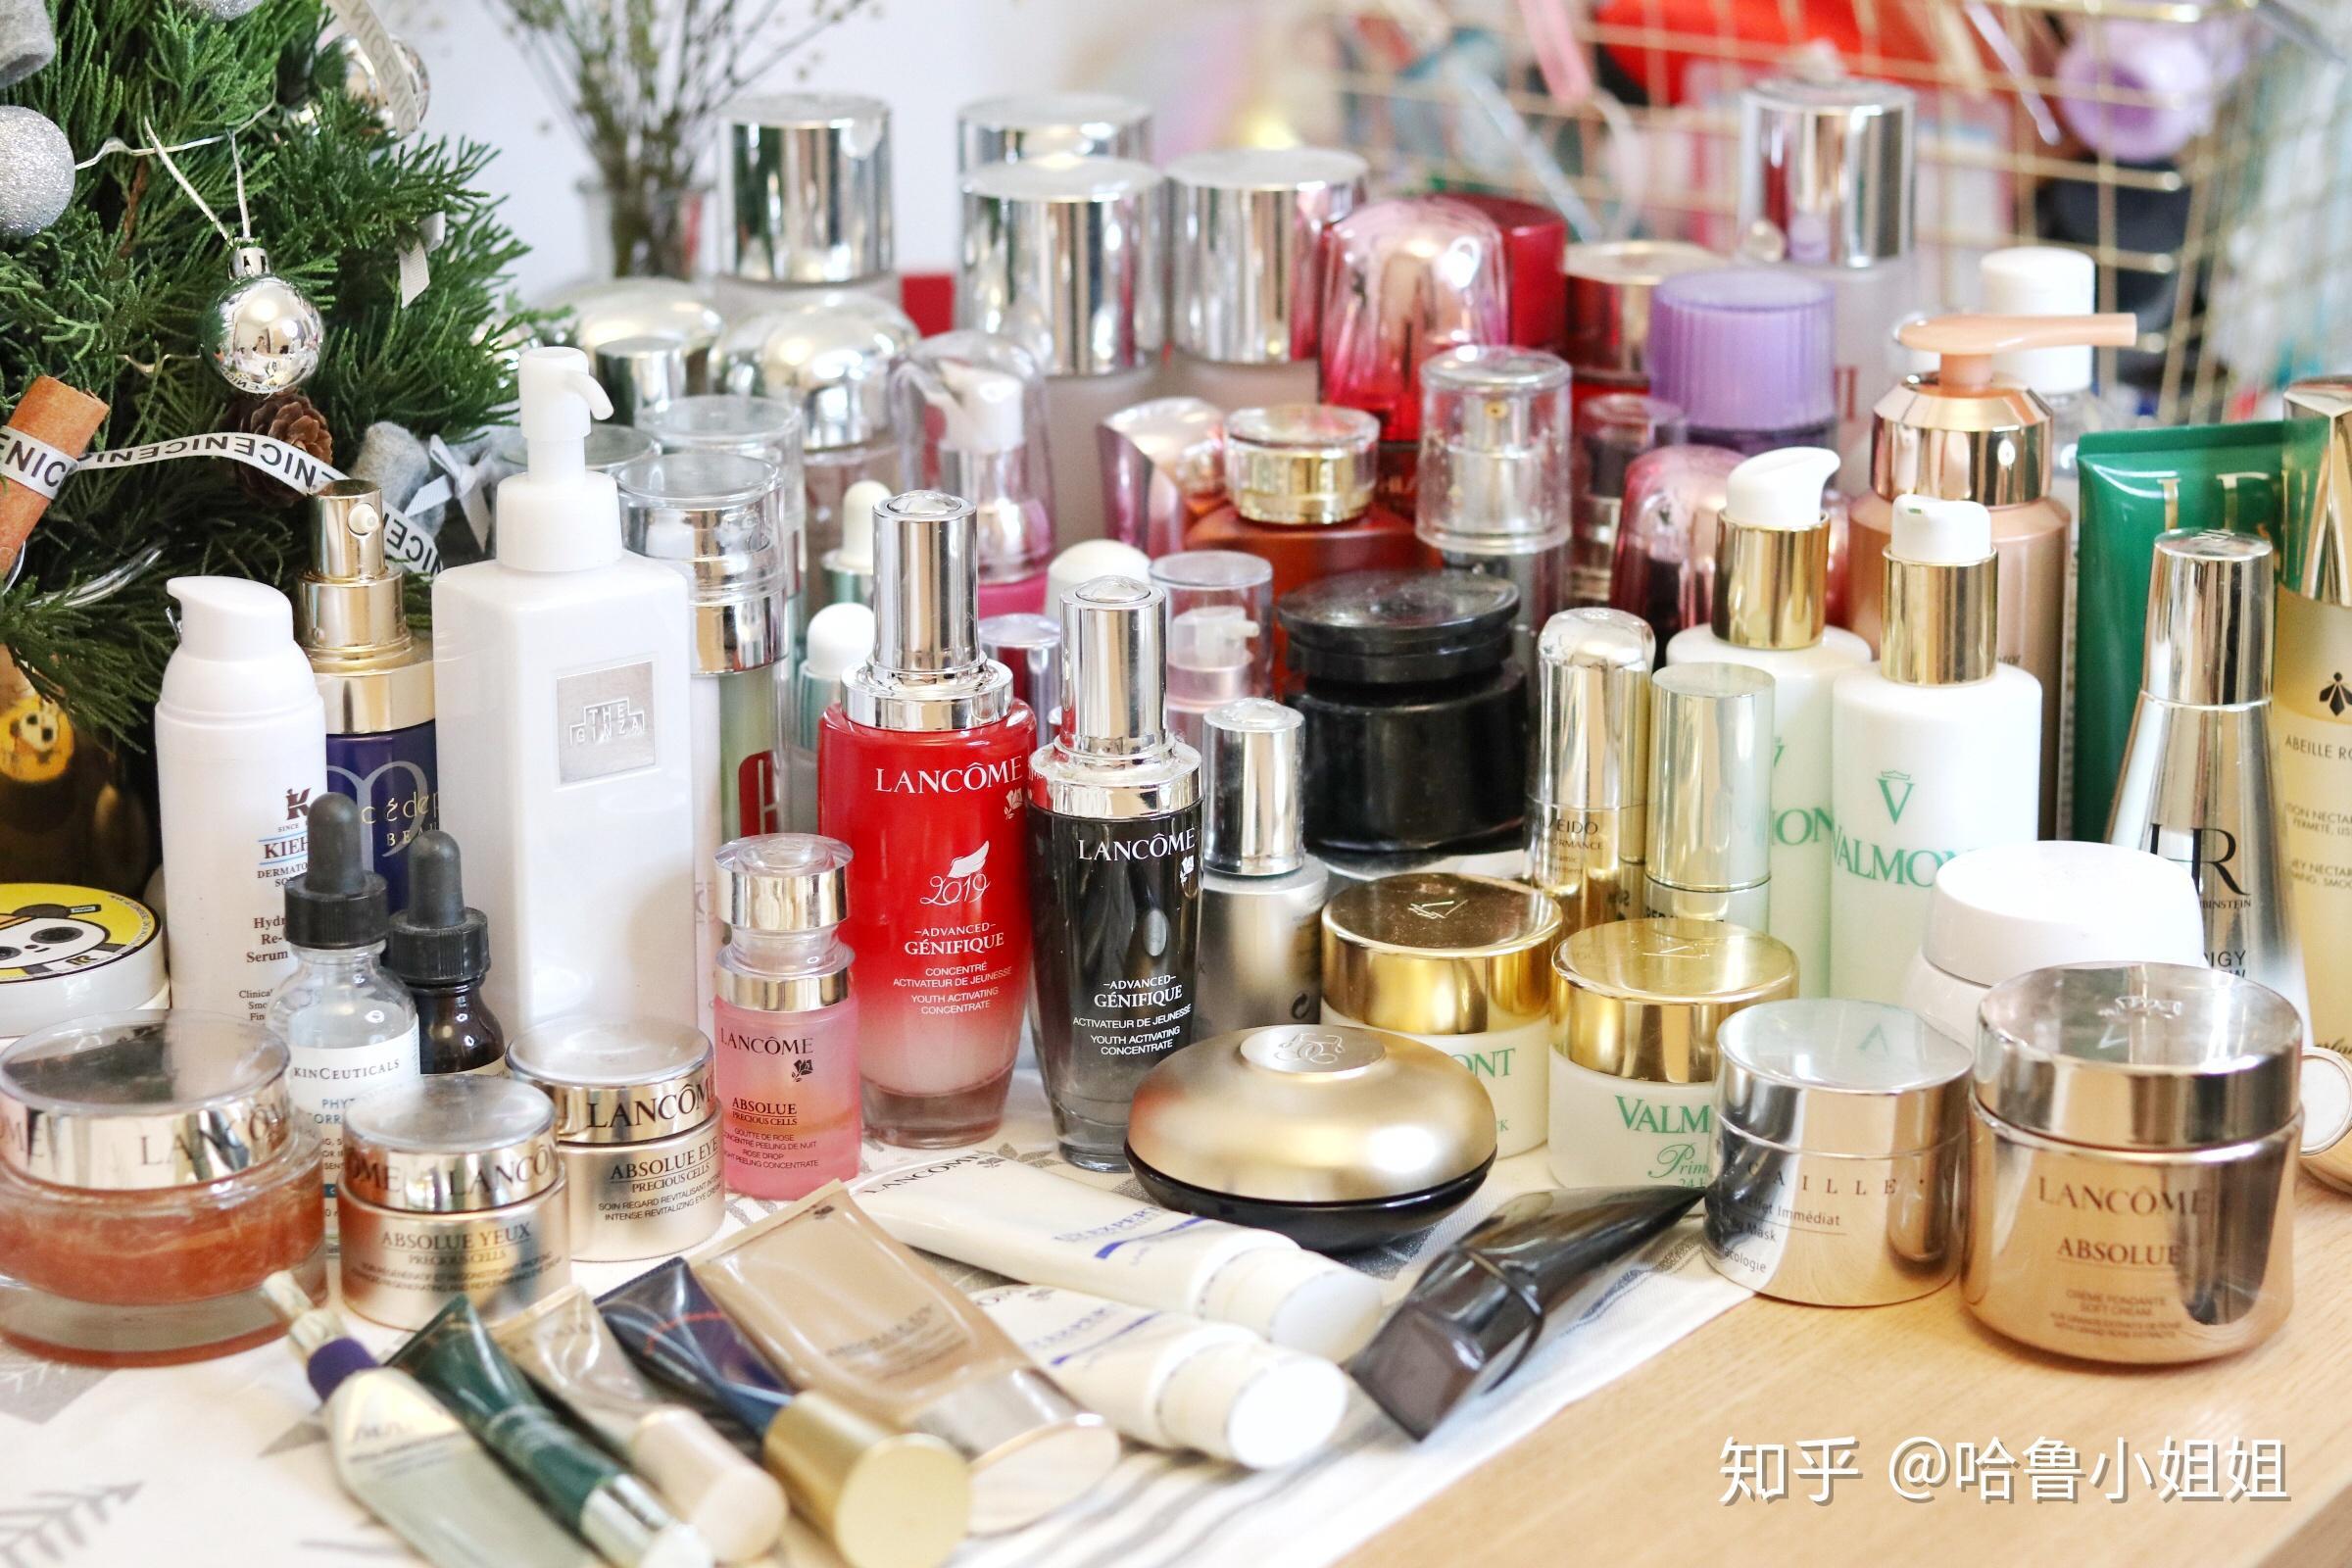 很爱鲁_护肤以来,有哪些「空瓶的」化妆品,护肤品推荐? - 知乎